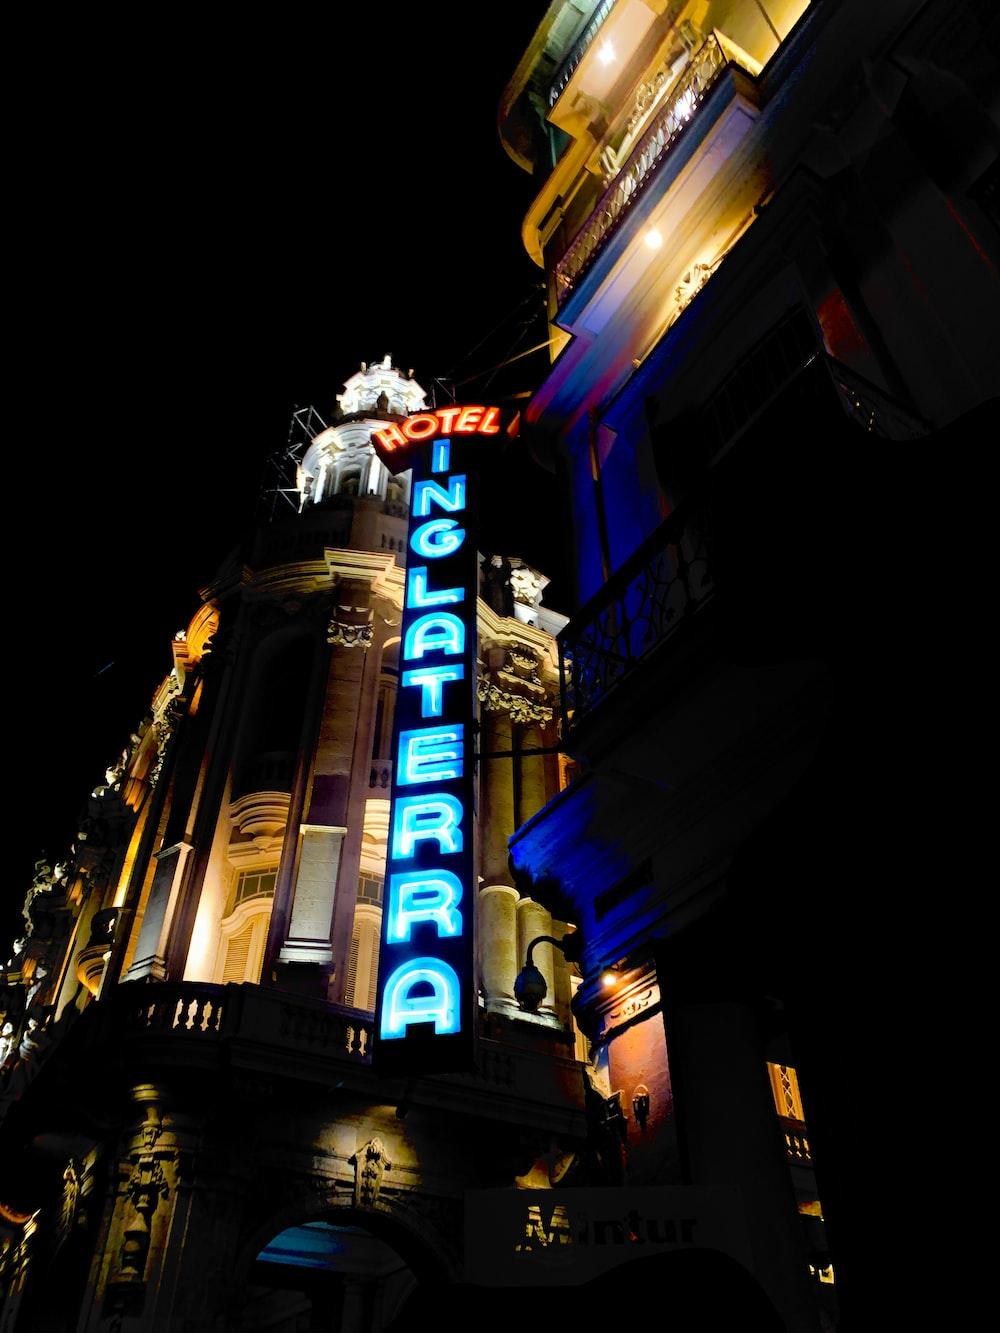 Hotel Inglaterra LED signage